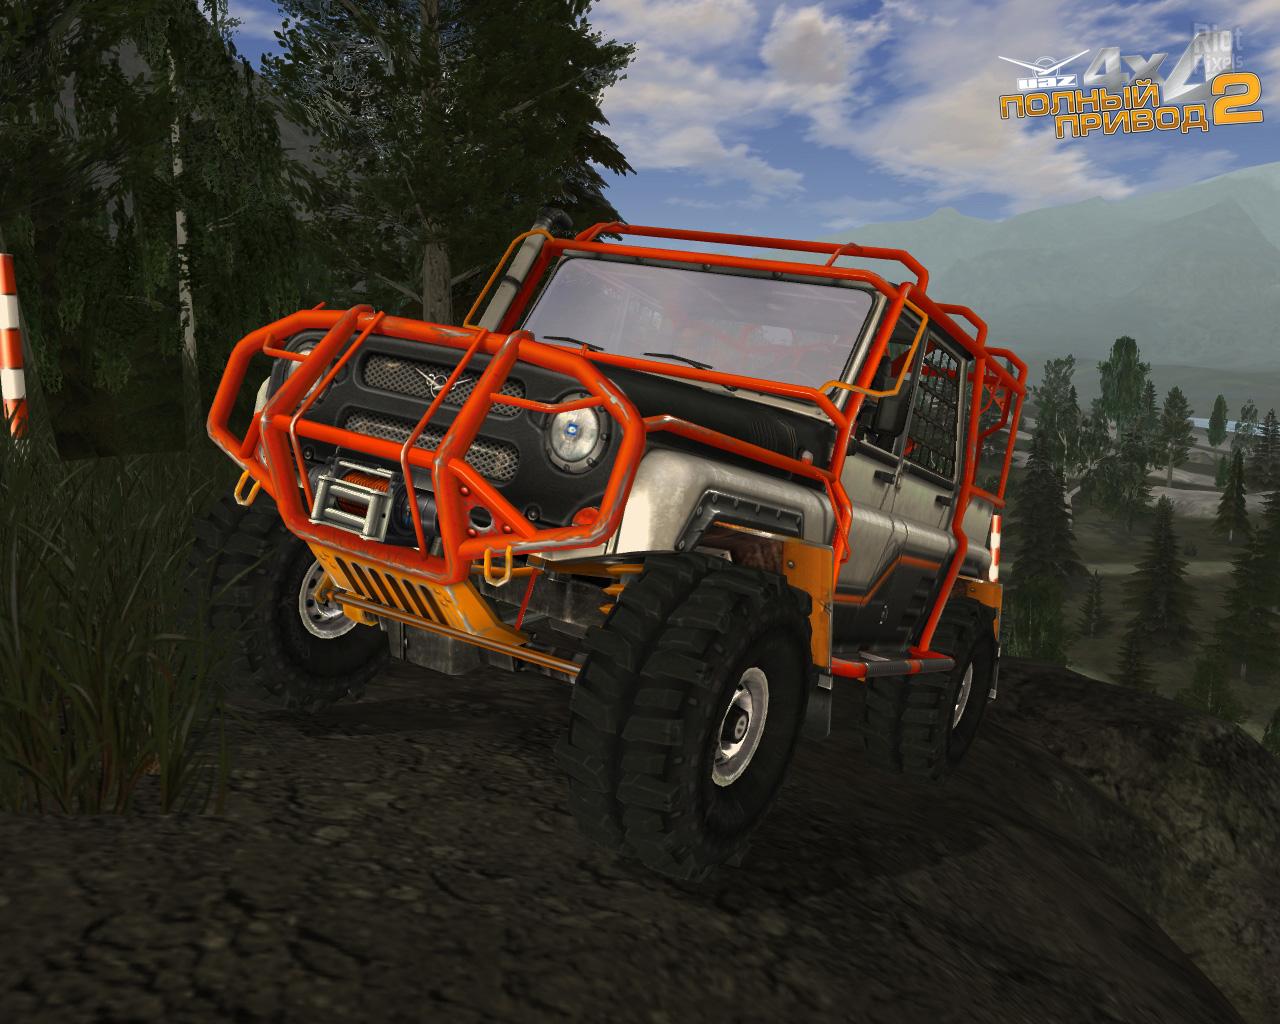 Скриншоты uaz racing 4x4